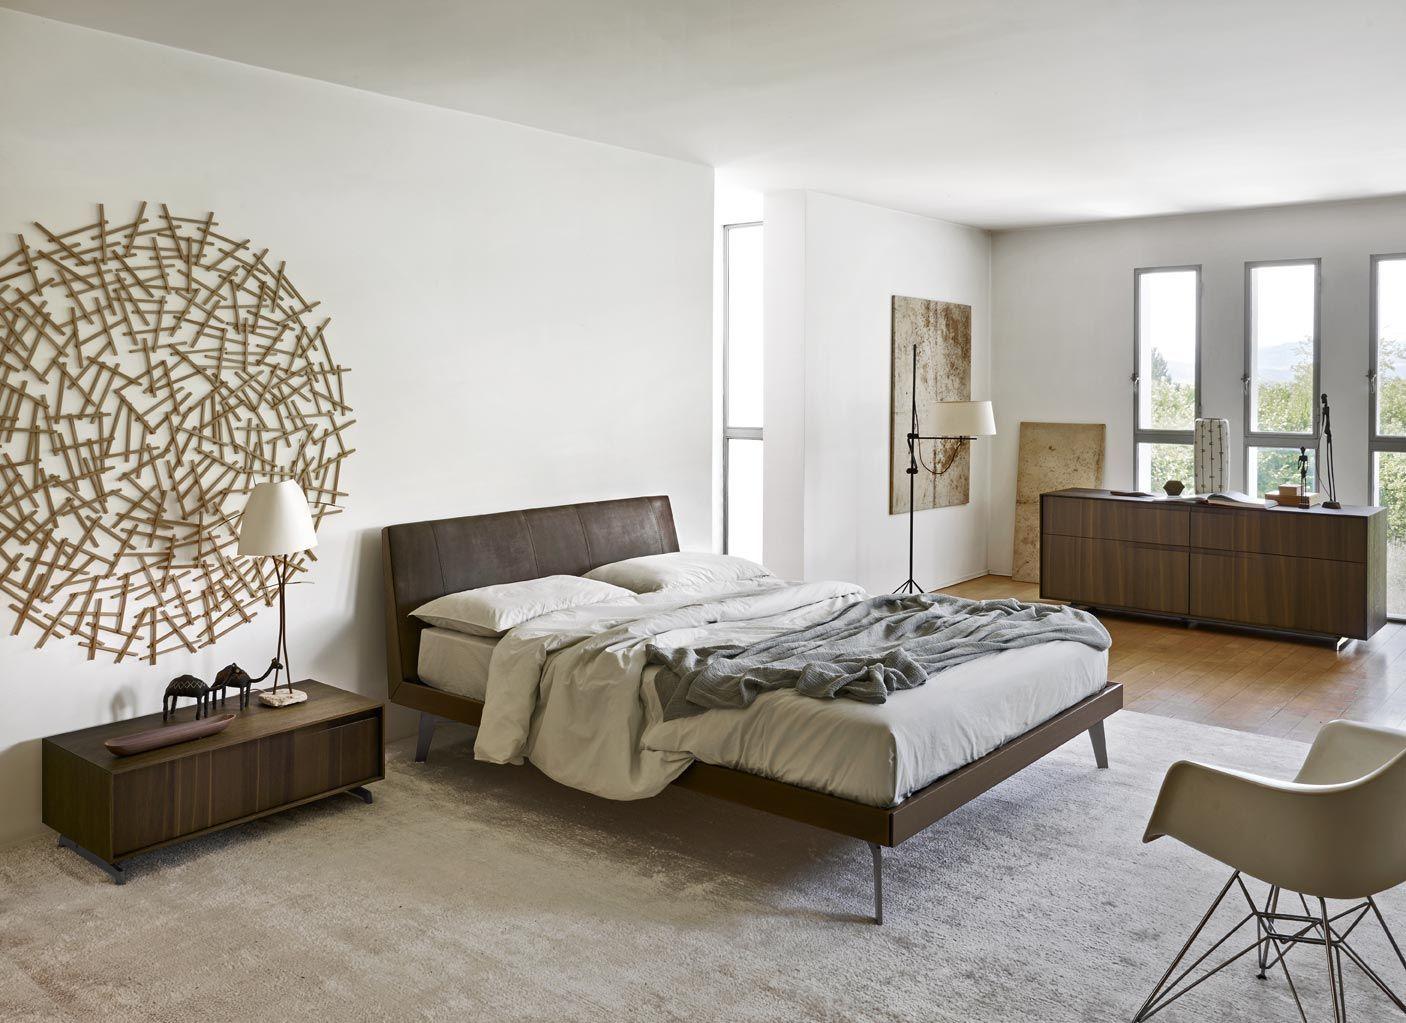 Dauerbrenner Vintage-Möbel: Immer im Trend | Schlafzimmer ideen ...